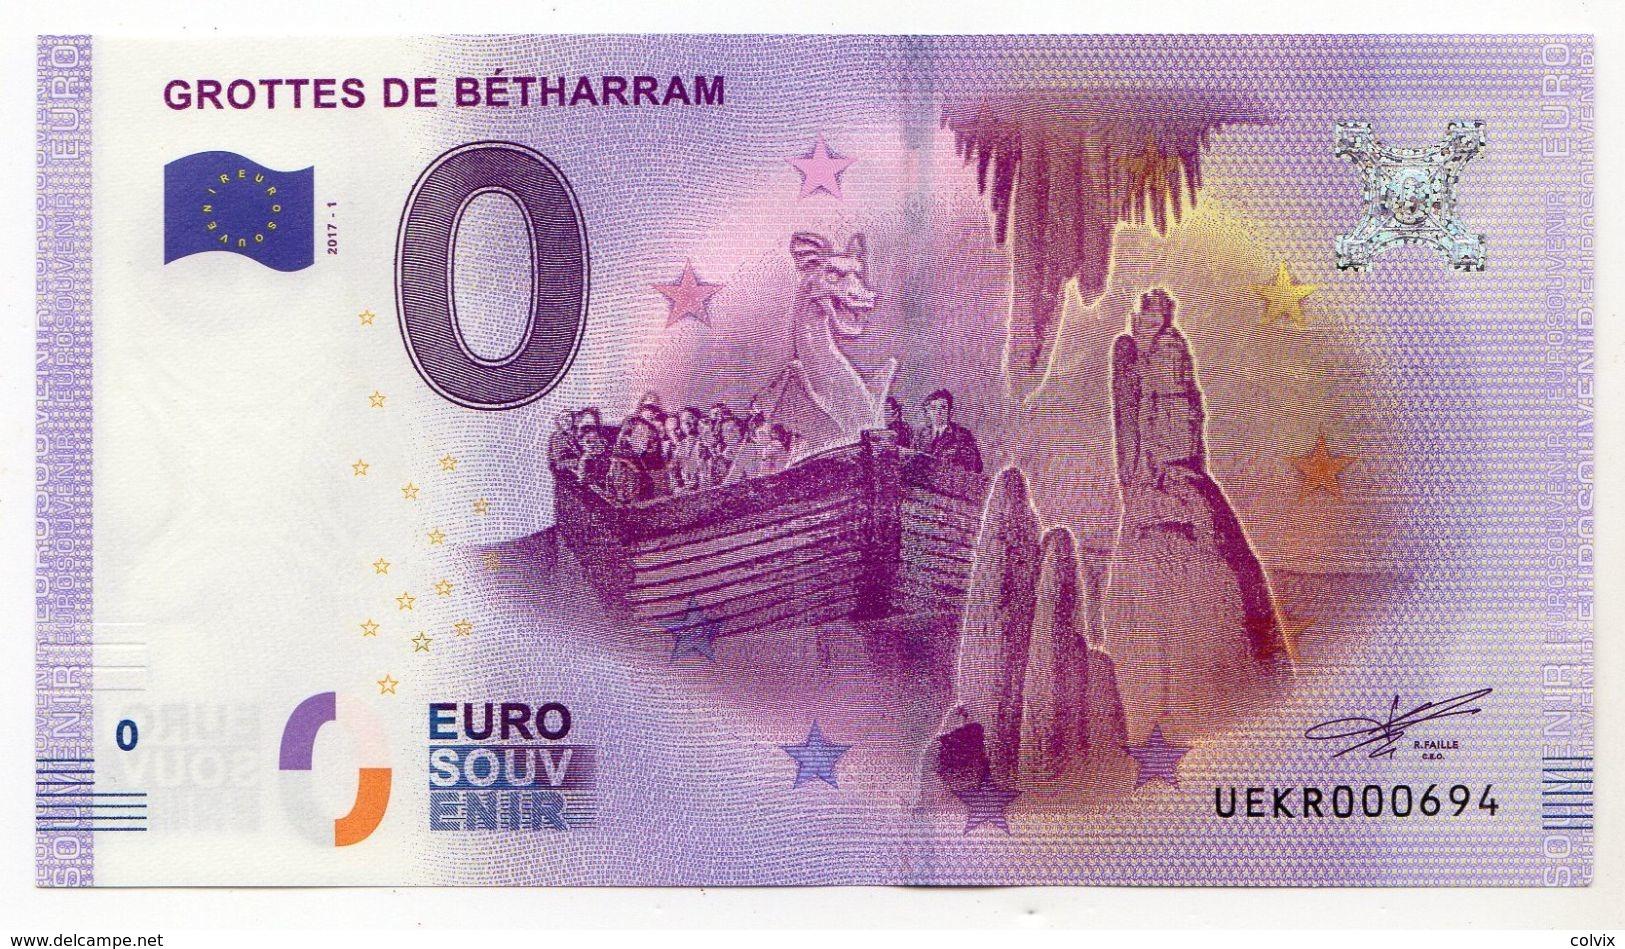 2017-1 BILLET TOURISTIQUE 0 EURO SOUVENIR N°UEBW000694 GROTTES DE BETHARRAM Numéro < à 1000 - EURO